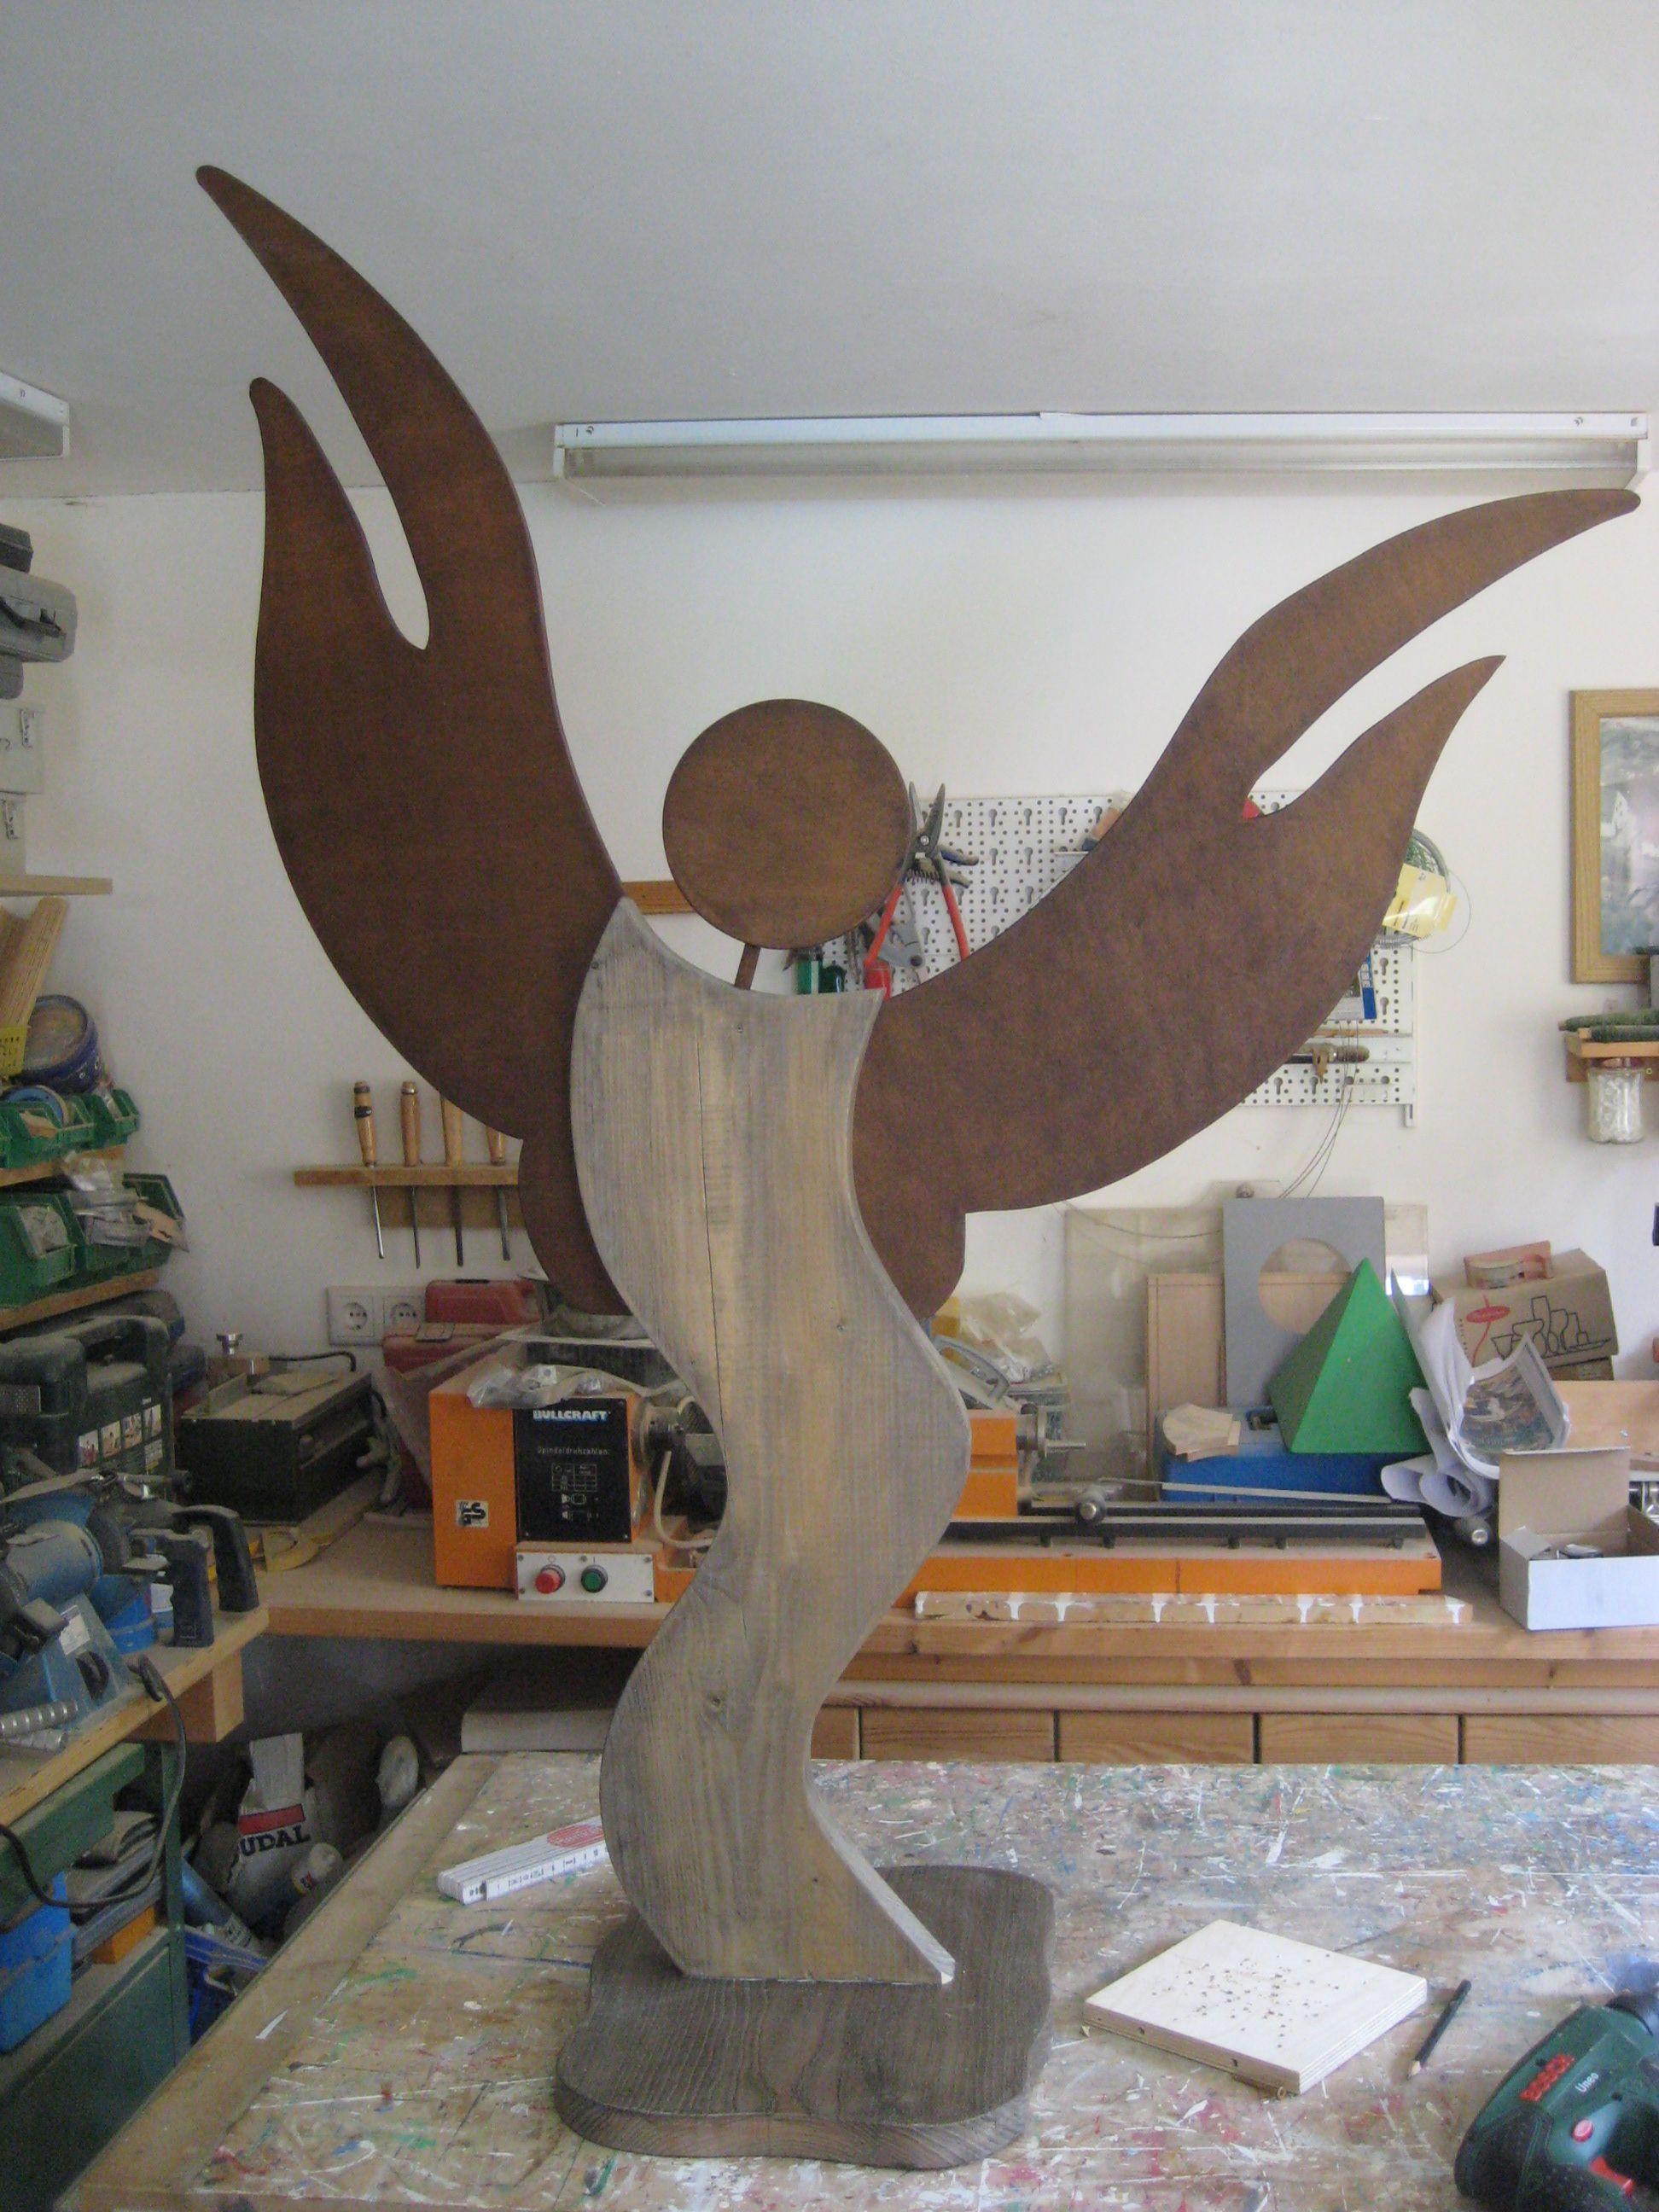 Schutzengel Oder Weihnachtsdeko Bauanleitung Zum Selber Bauen Dekor Holzhandwerk Muster Weihnachtsdeko Holz